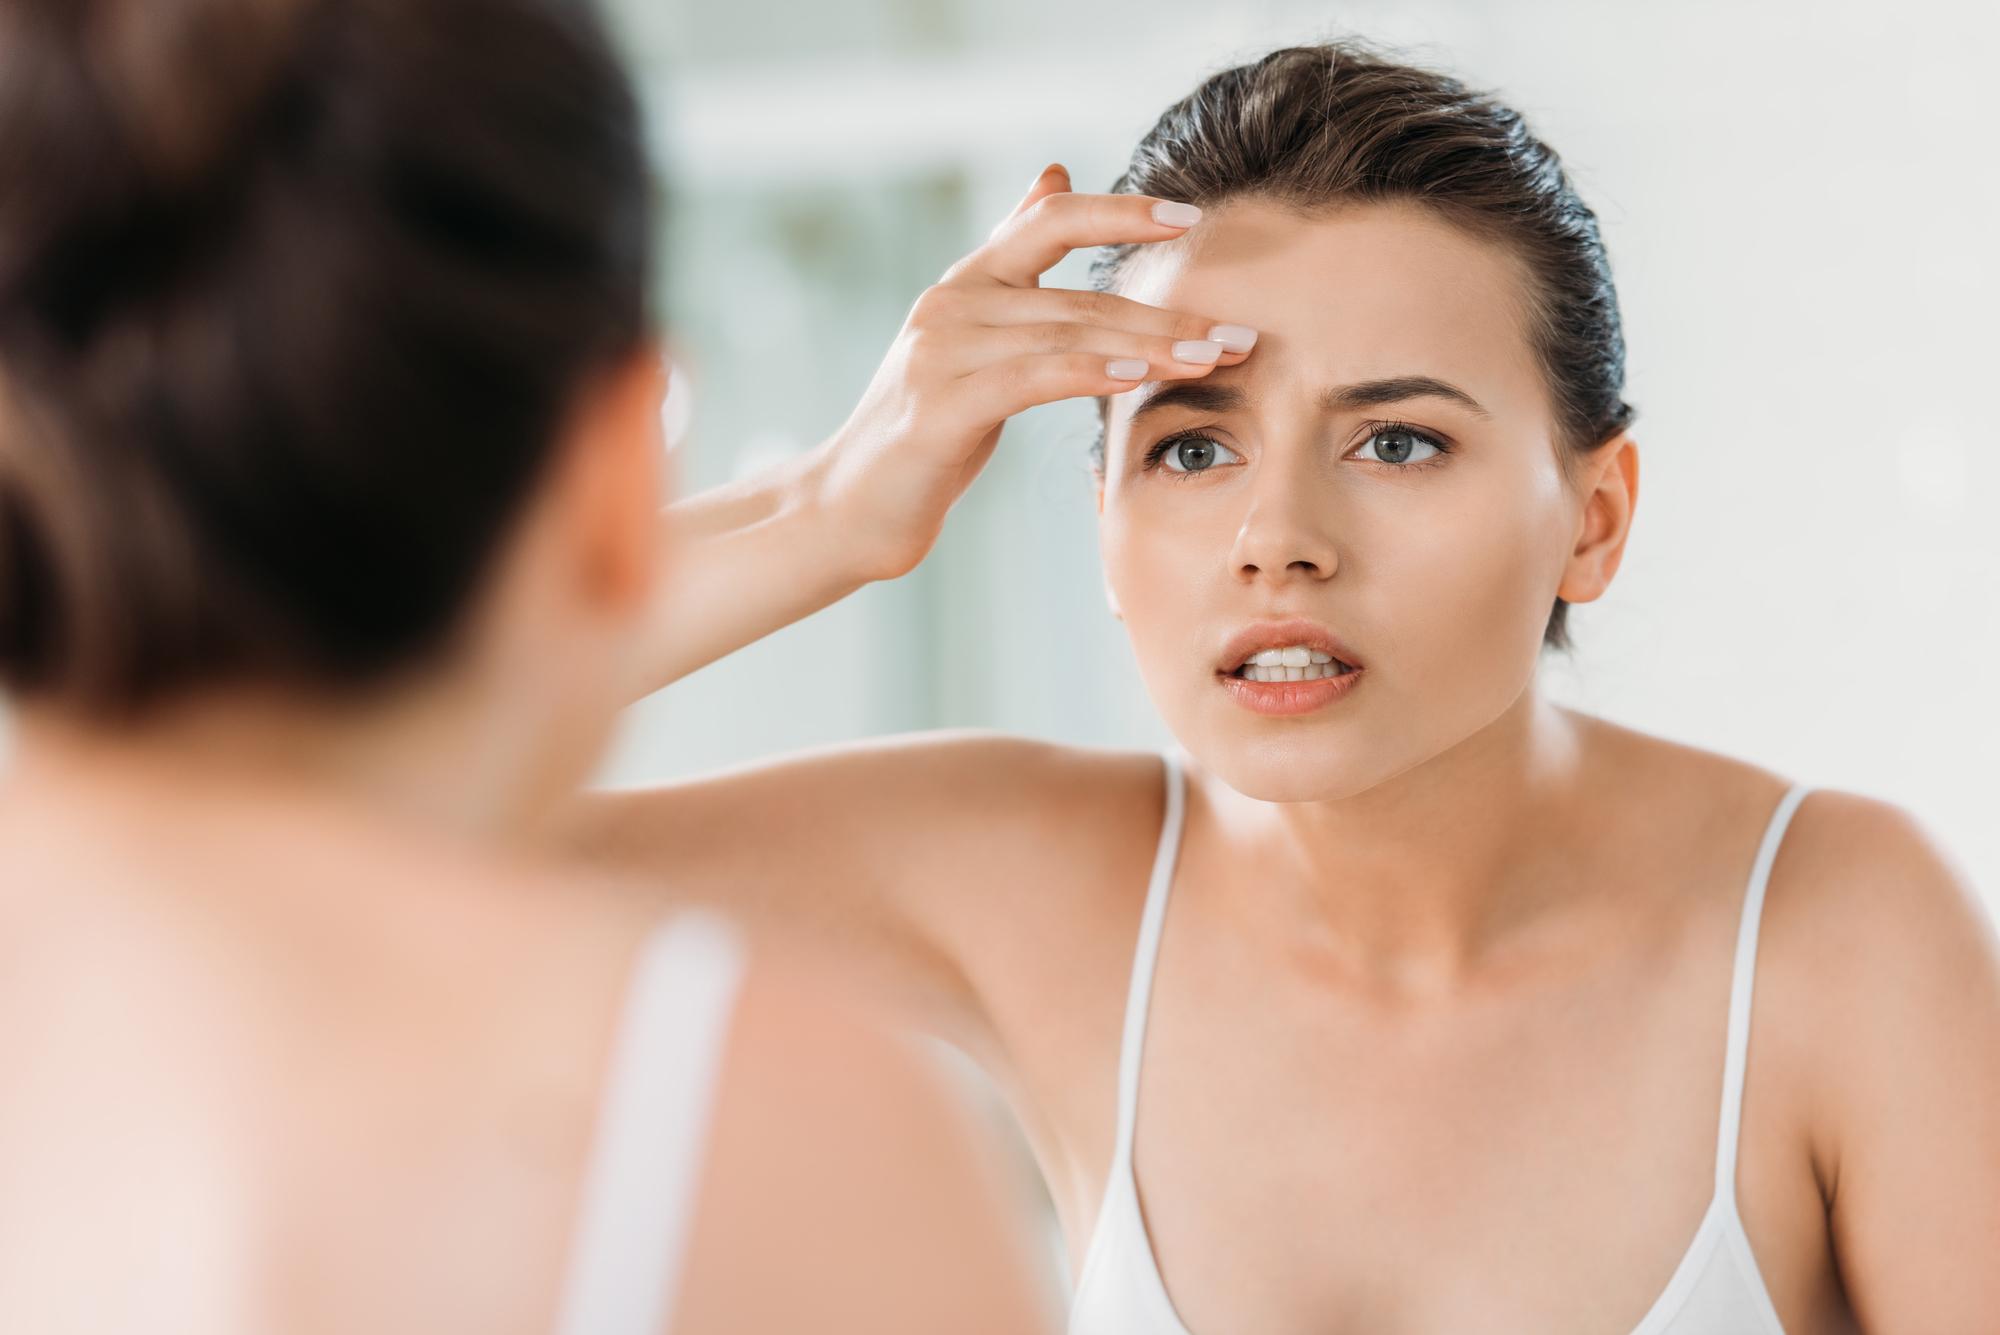 Os problemas de pele mais comuns – e a solução para cada um deles